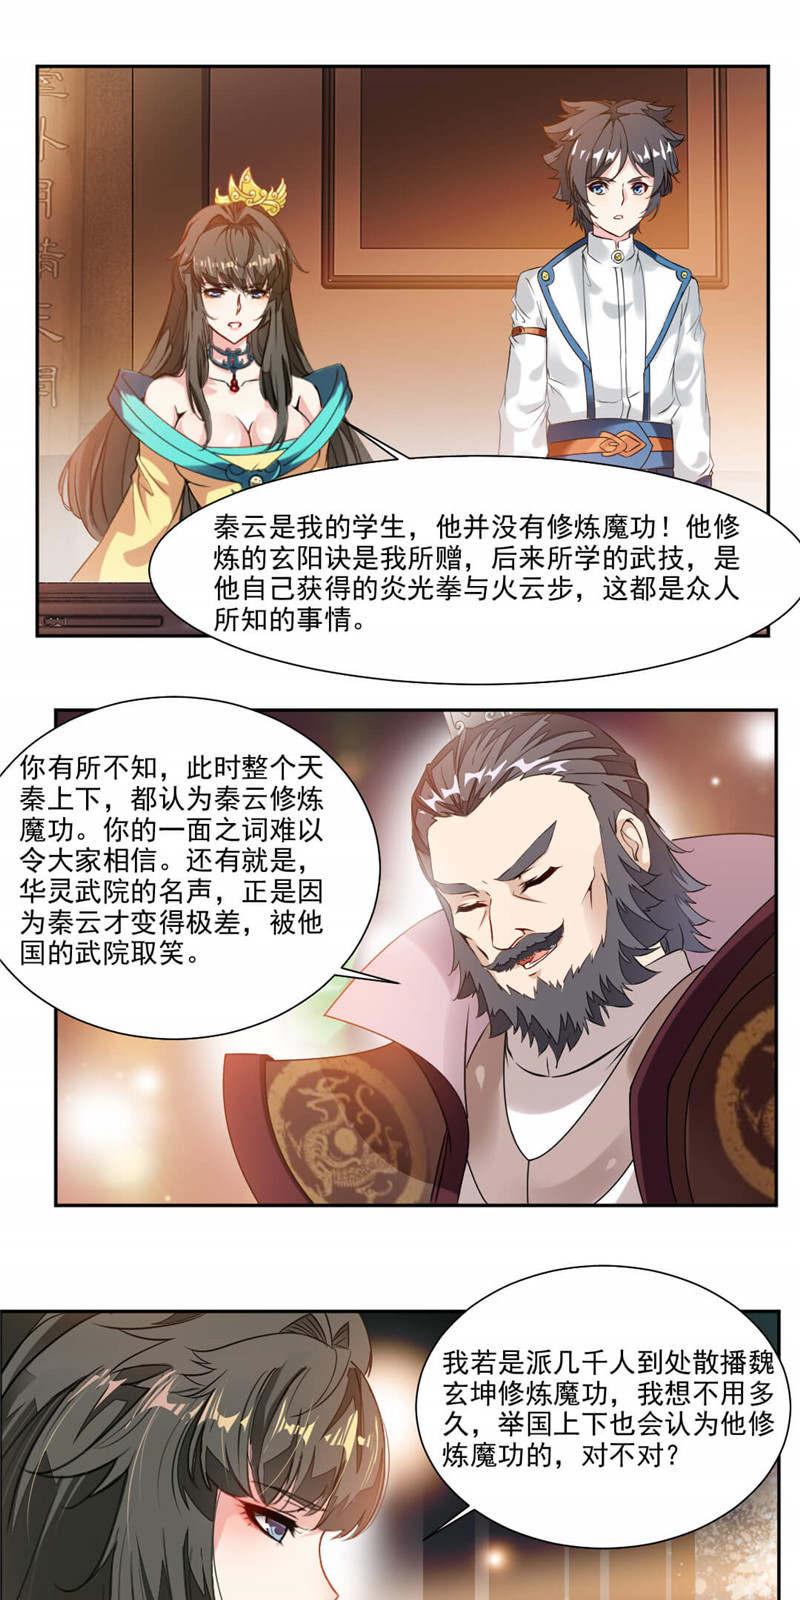 九阳神王第31话  你会制作符箓? 第 6